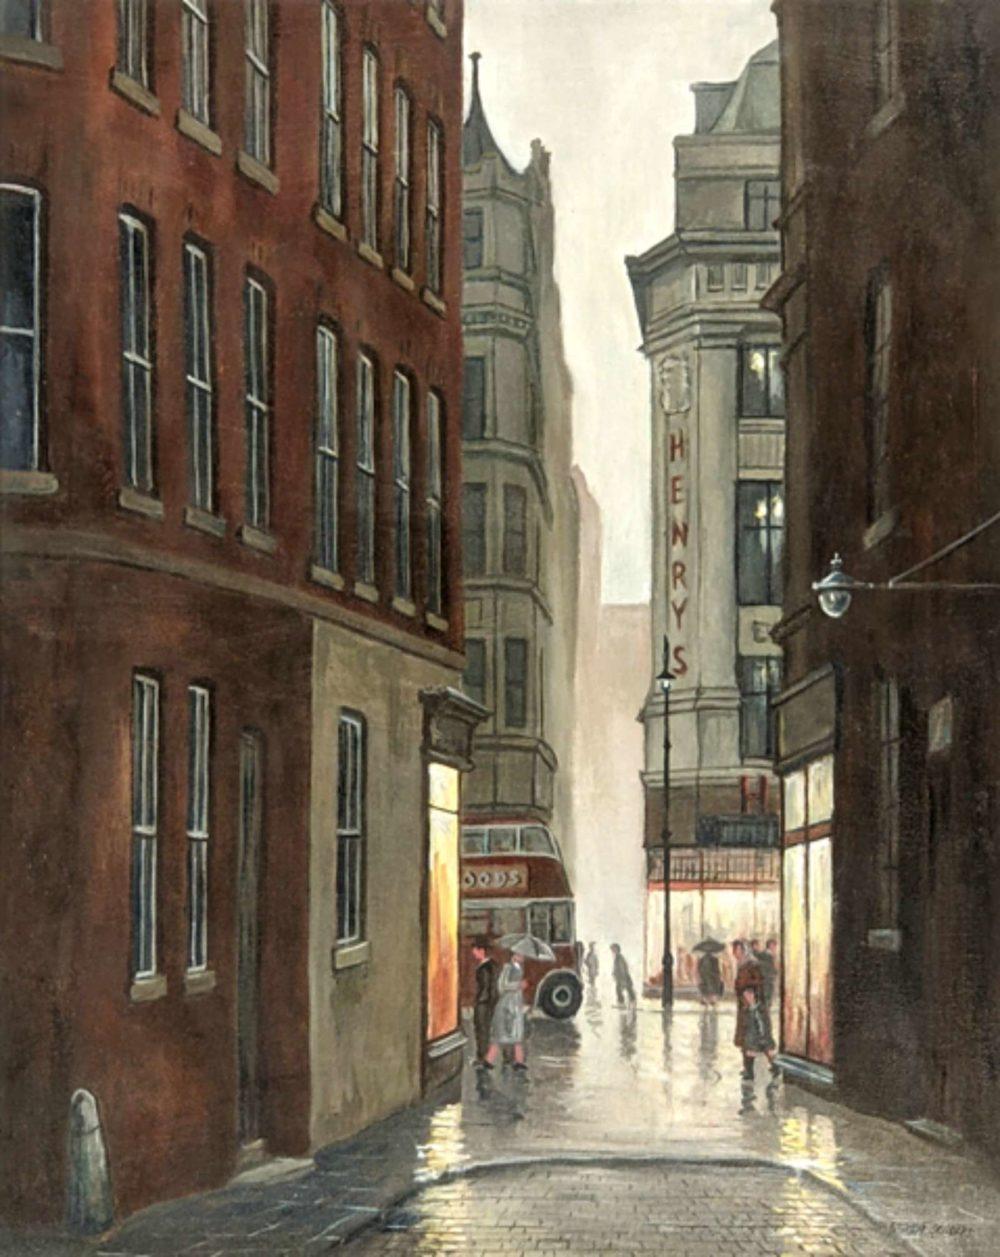 Market Street Manchester 1962